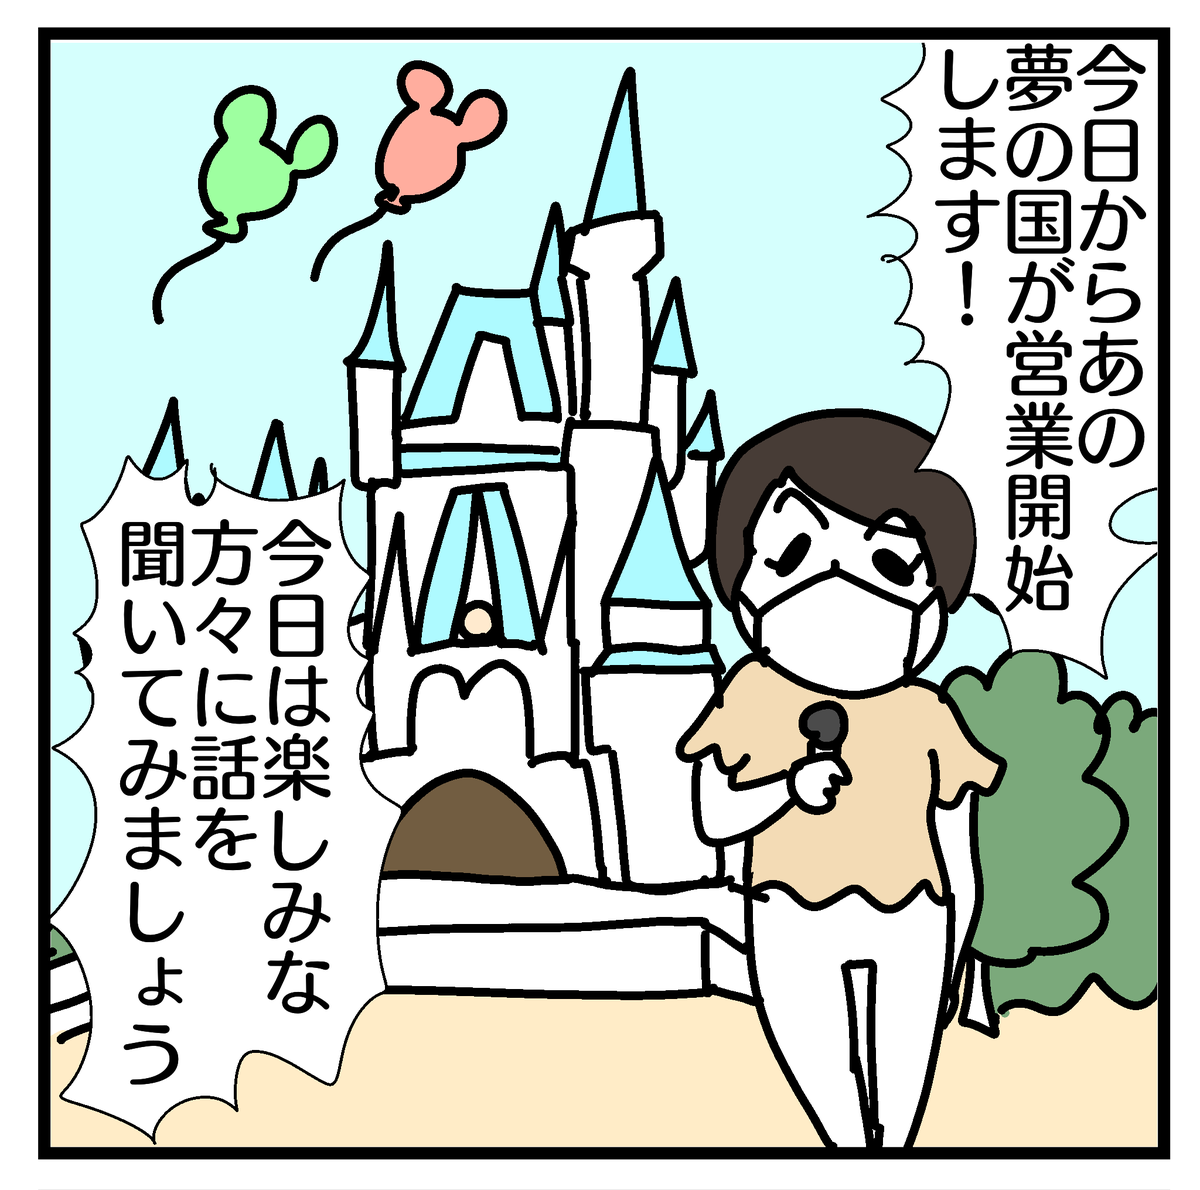 f:id:YuruFuwaTa:20200714222029p:plain